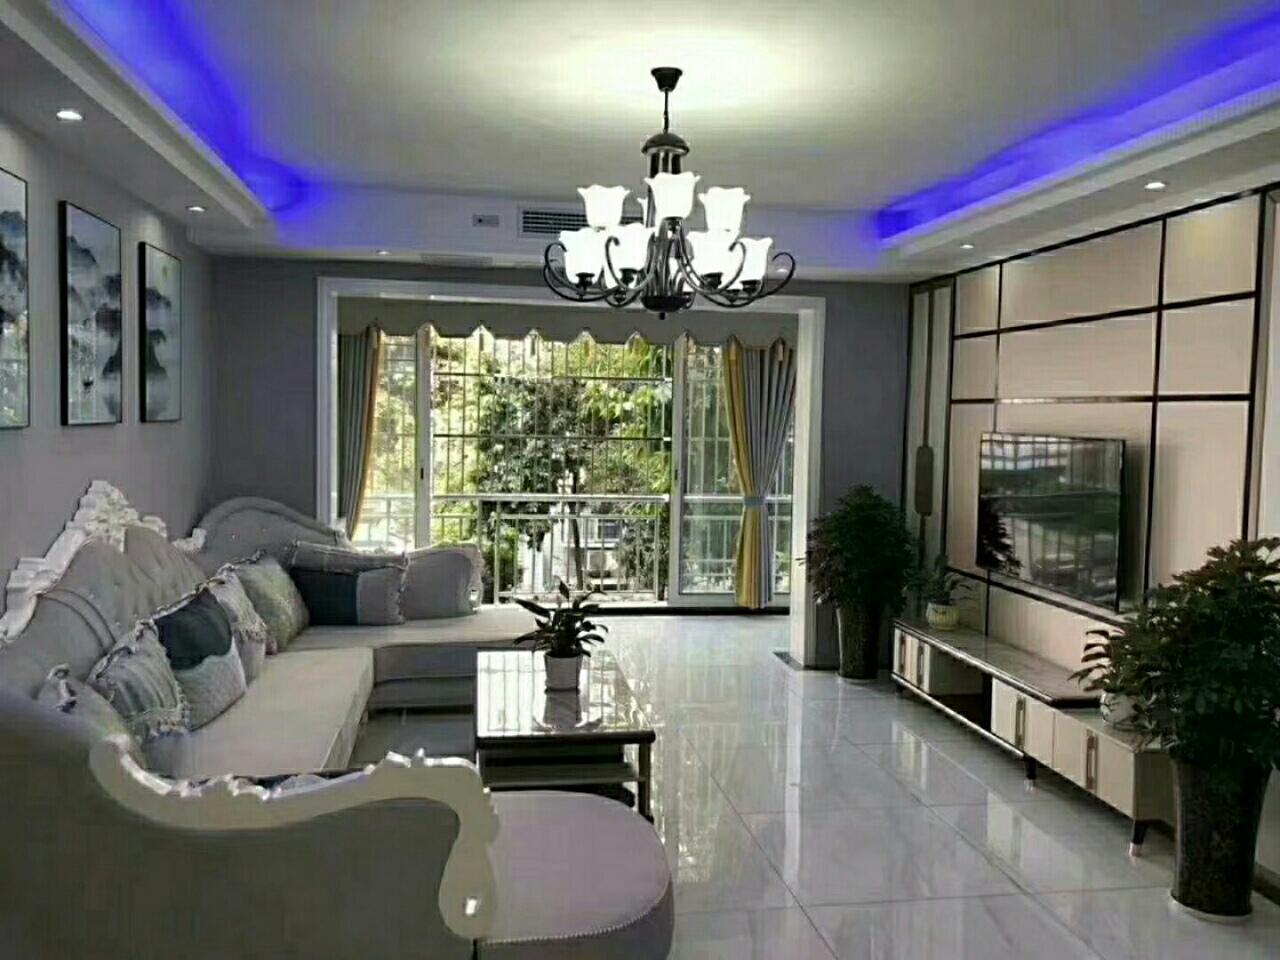 安康芳菲苑2楼黄金楼层出售,精装3室 2厅 2卫